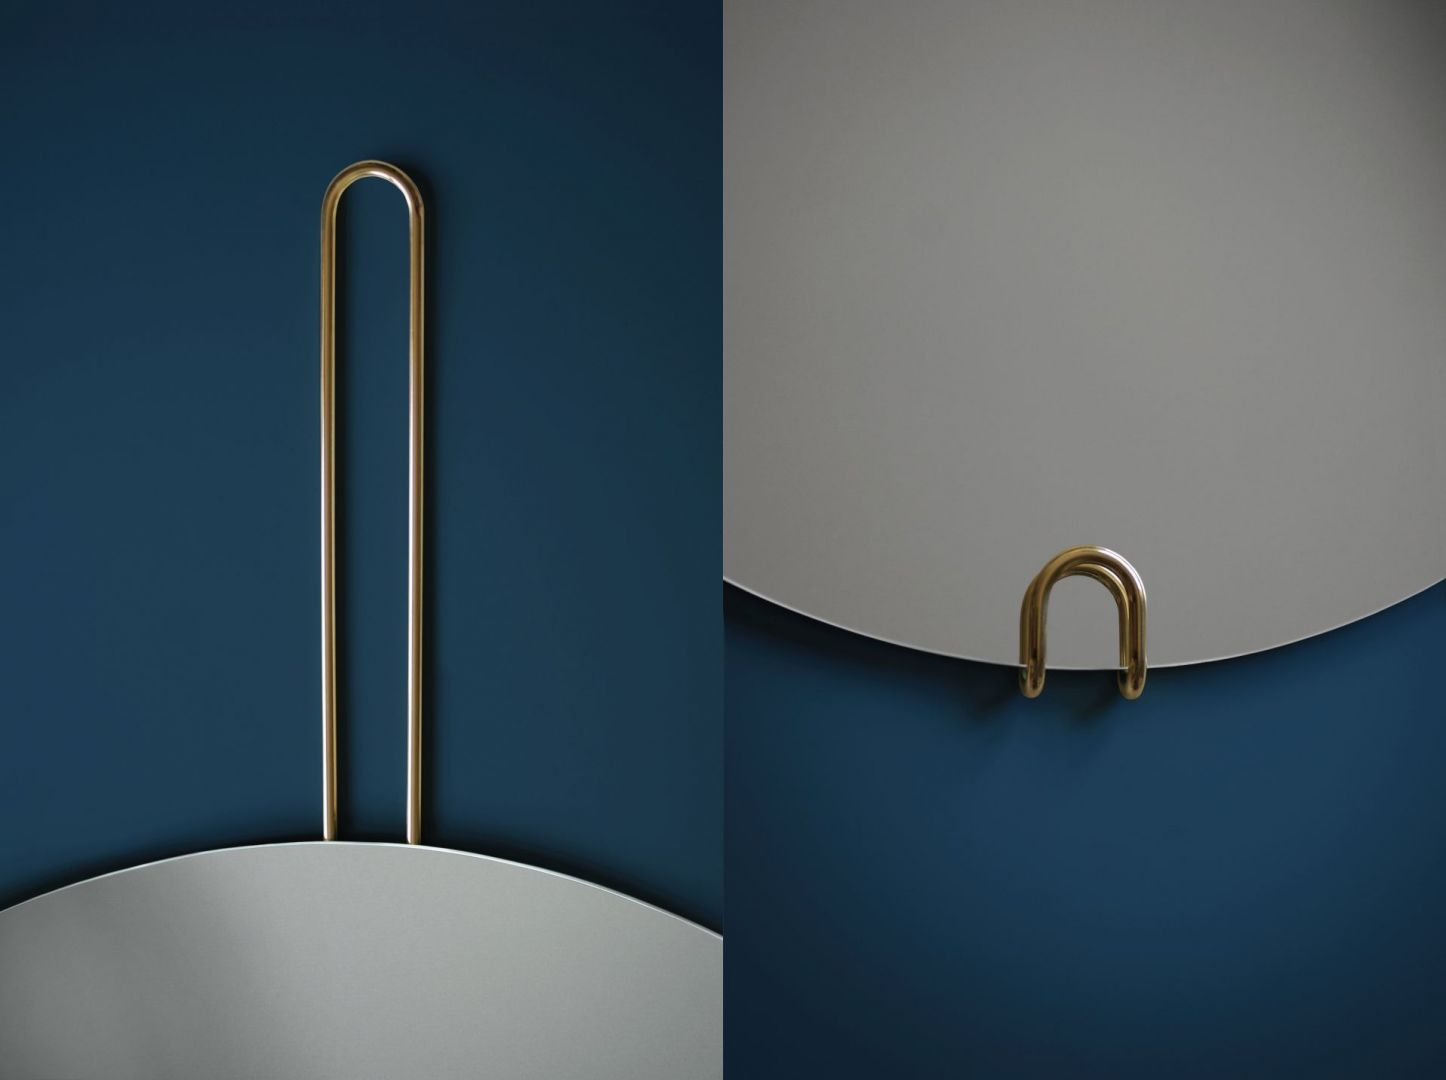 Kolekcja Hoko – minimalistyczne lustra z mosiężnym uchwytem/GieraDesign. Produkt zgłoszony do konkursu Dobry Design 2020.